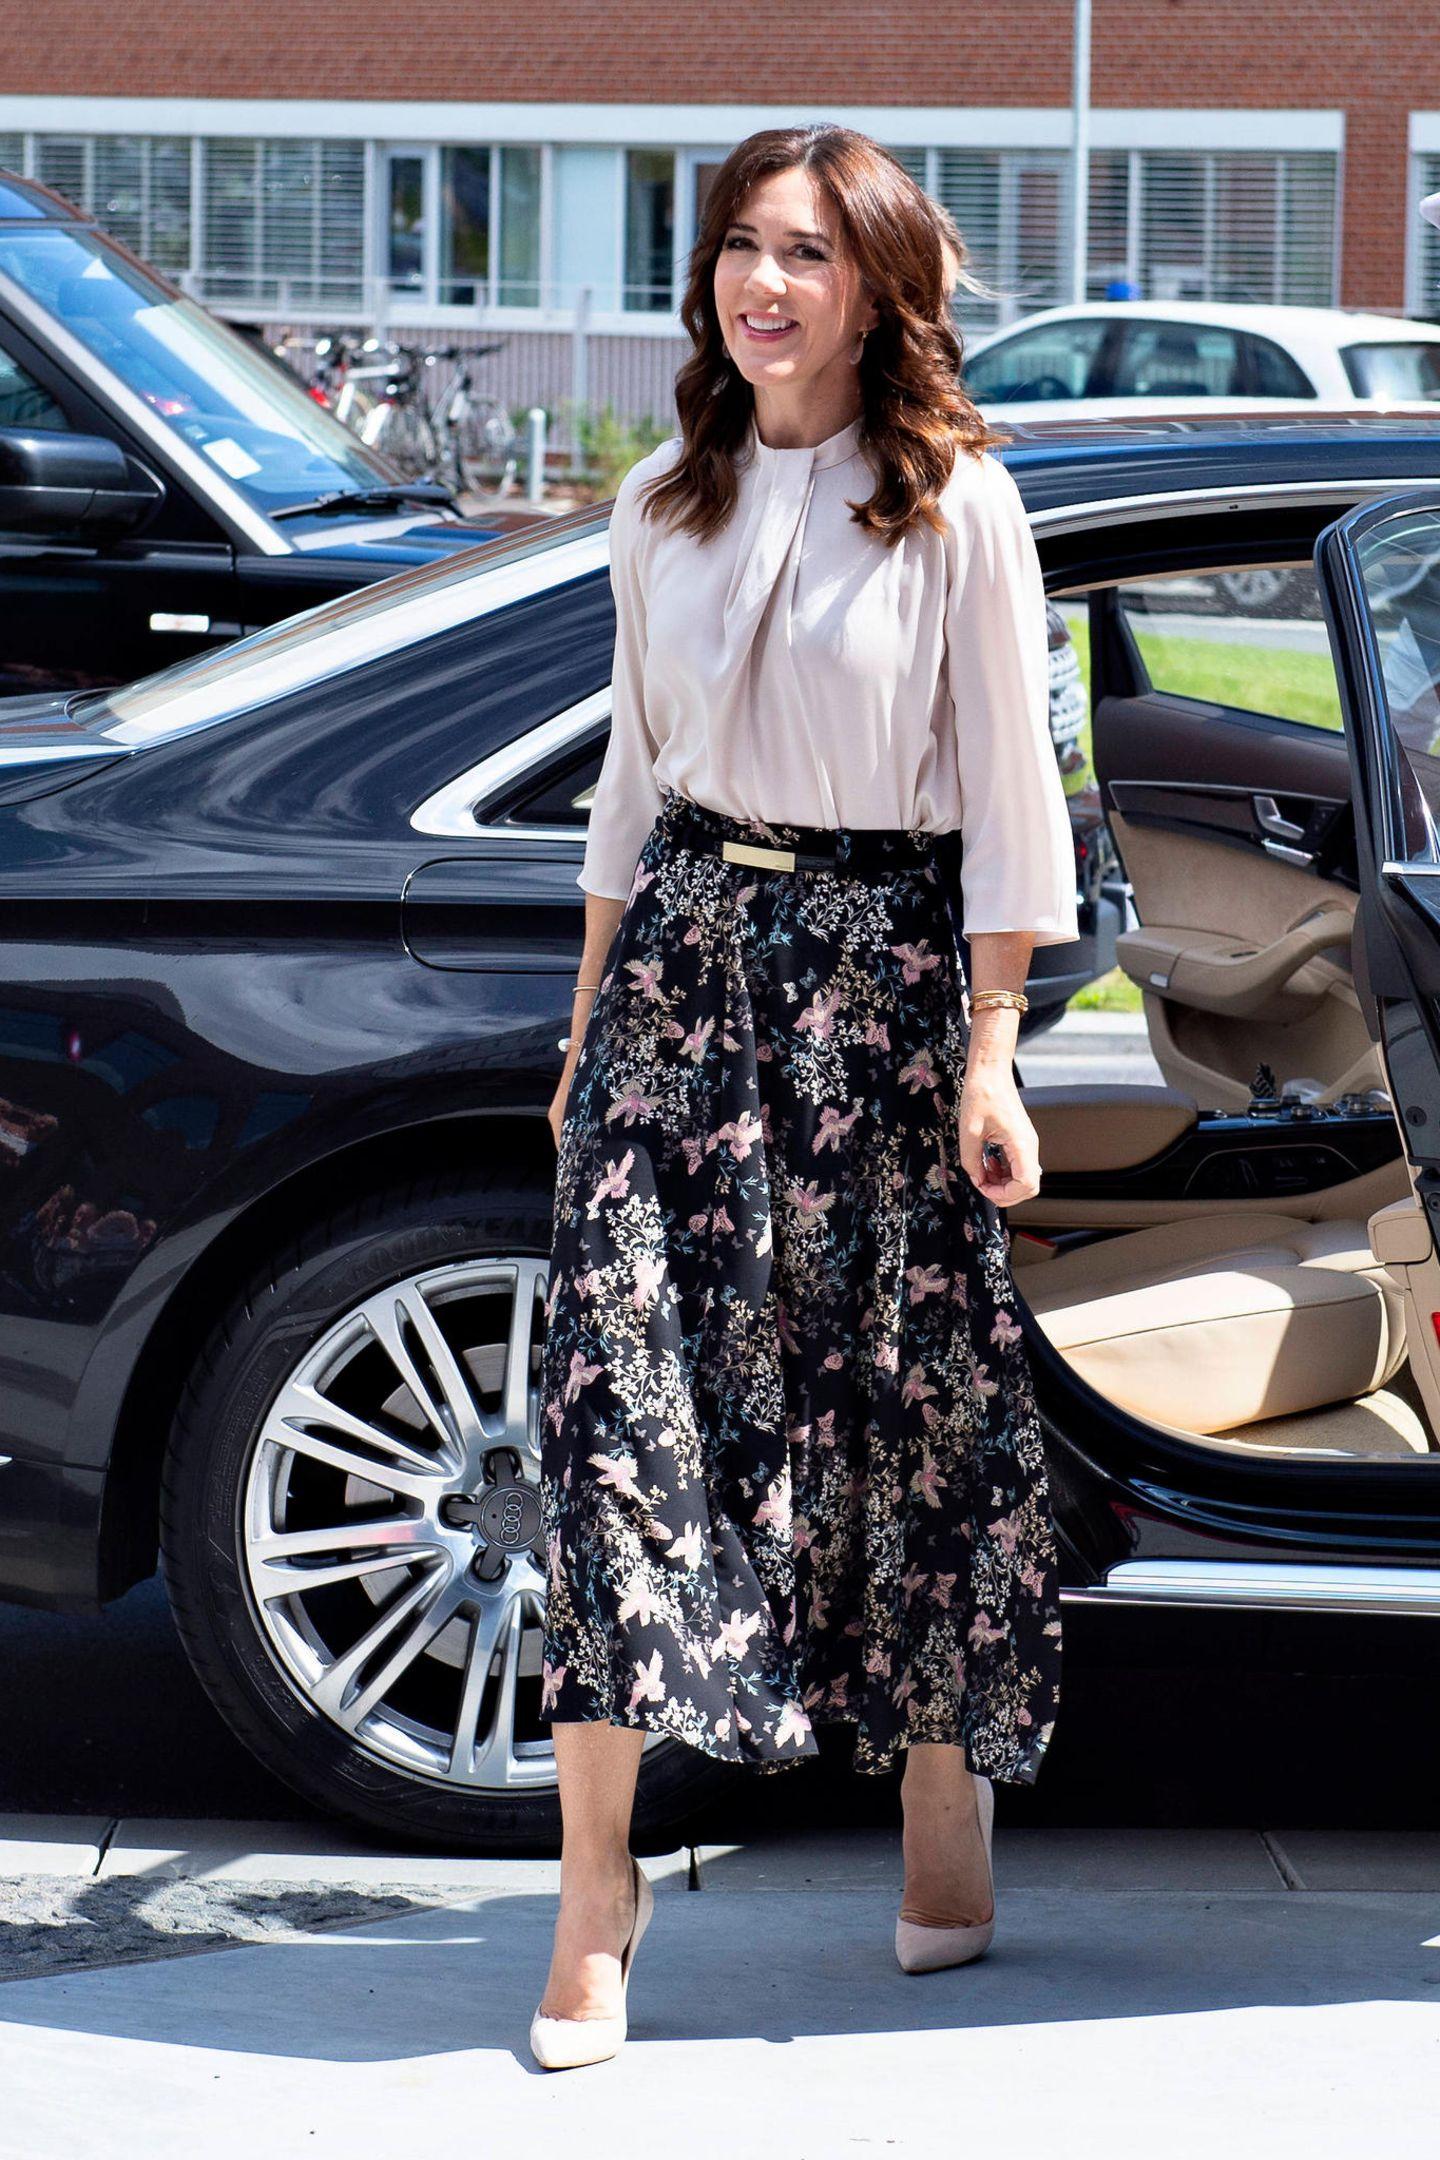 Im Rahmen eines royalen Termins inAarhus steigt Prinzessin Mary elegant aus ihrer Limousine und bezaubert wie gewohnt mit einem femininen Wow-Look. Ihr floral gemusterterMaxirock wird von ihrer beigefarbenen Bluse und den farblich abgestimmten Pumps eingerahmt.